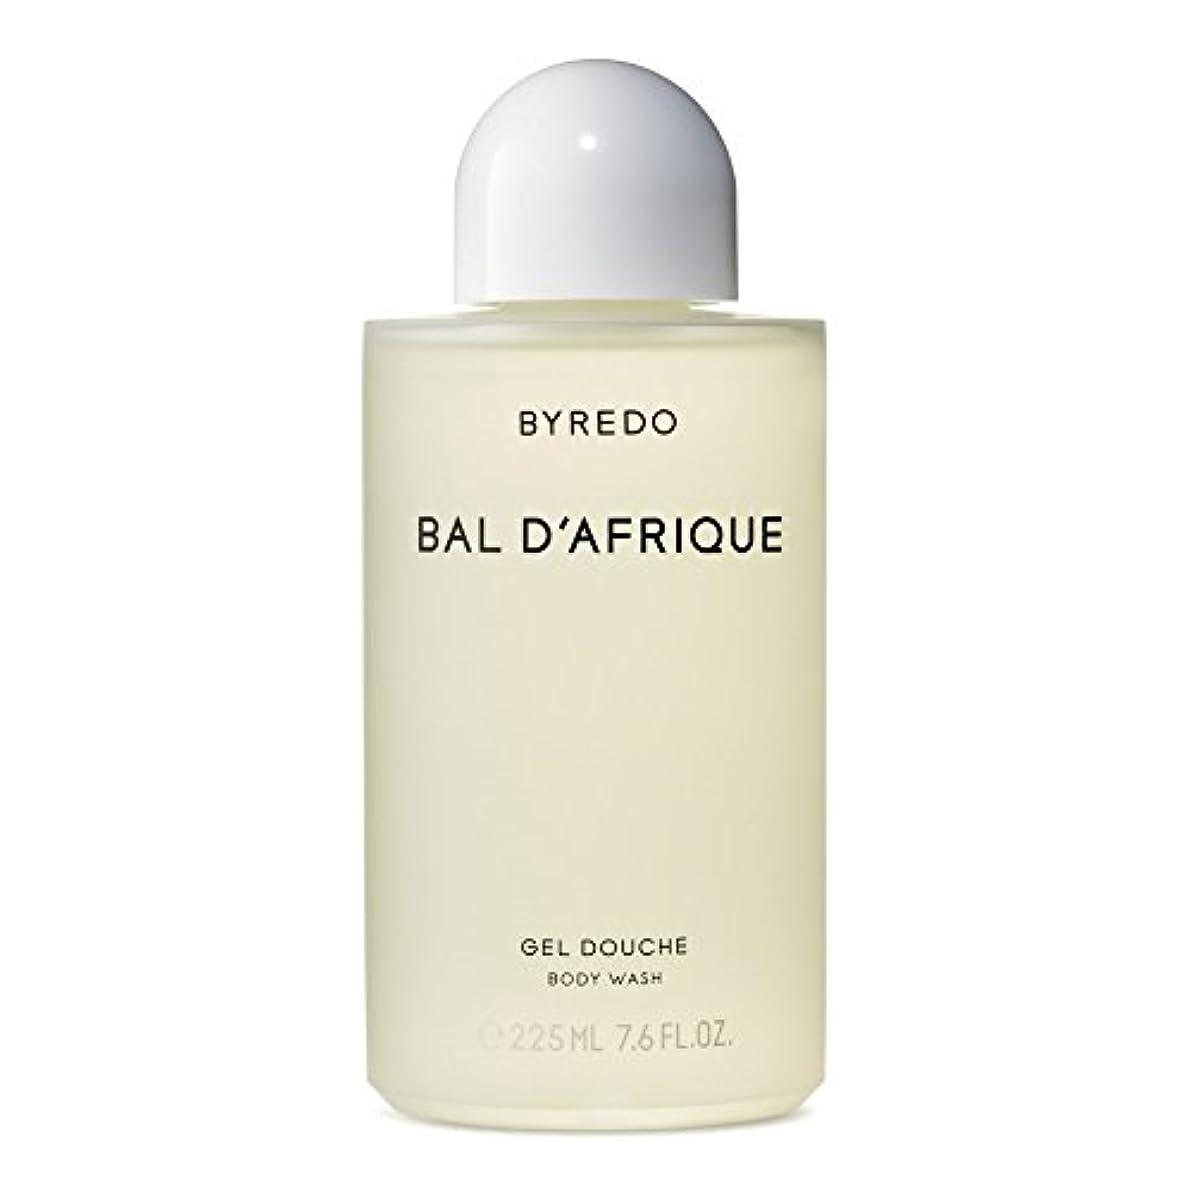 予防接種上げるシャンプーのボディウォッシュ225ミリリットル x4 - Byredo Bal d'Afrique Body Wash 225ml (Pack of 4) [並行輸入品]